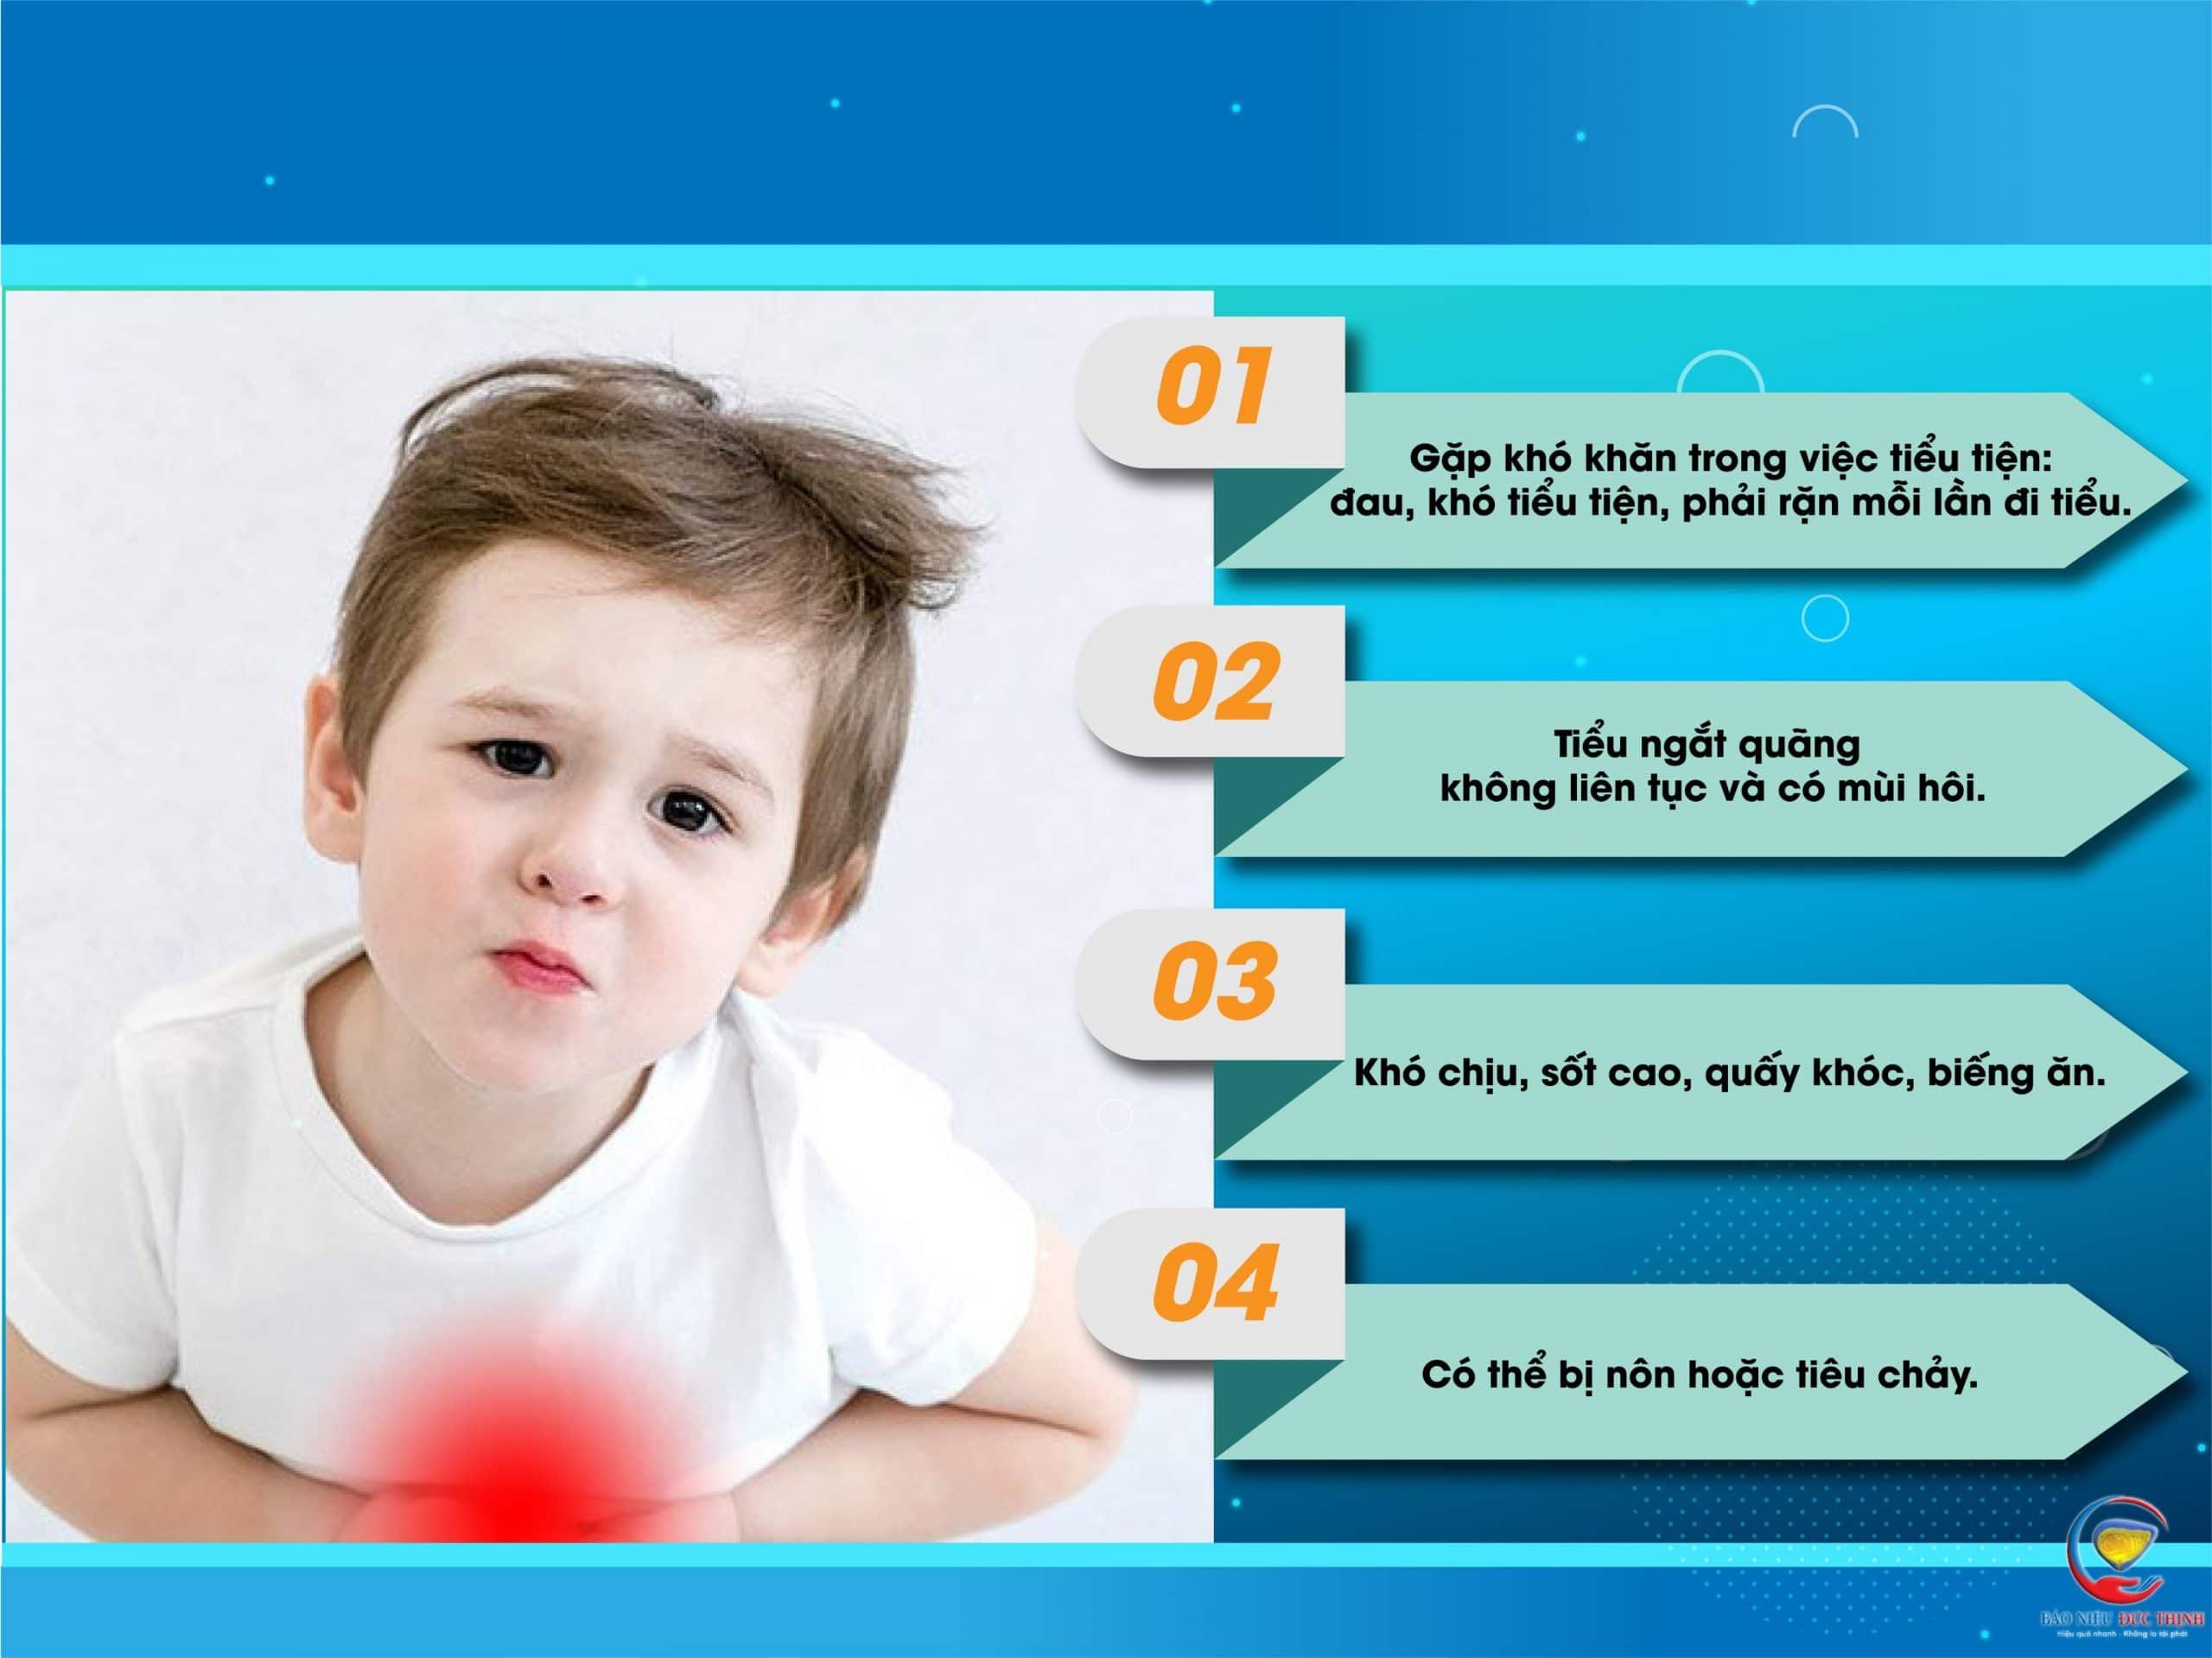 78559376497ab924e06b scaled - Phòng tránh viêm đường tiết niệu ở trẻ em - Những điều cha mẹ cần lưu ý